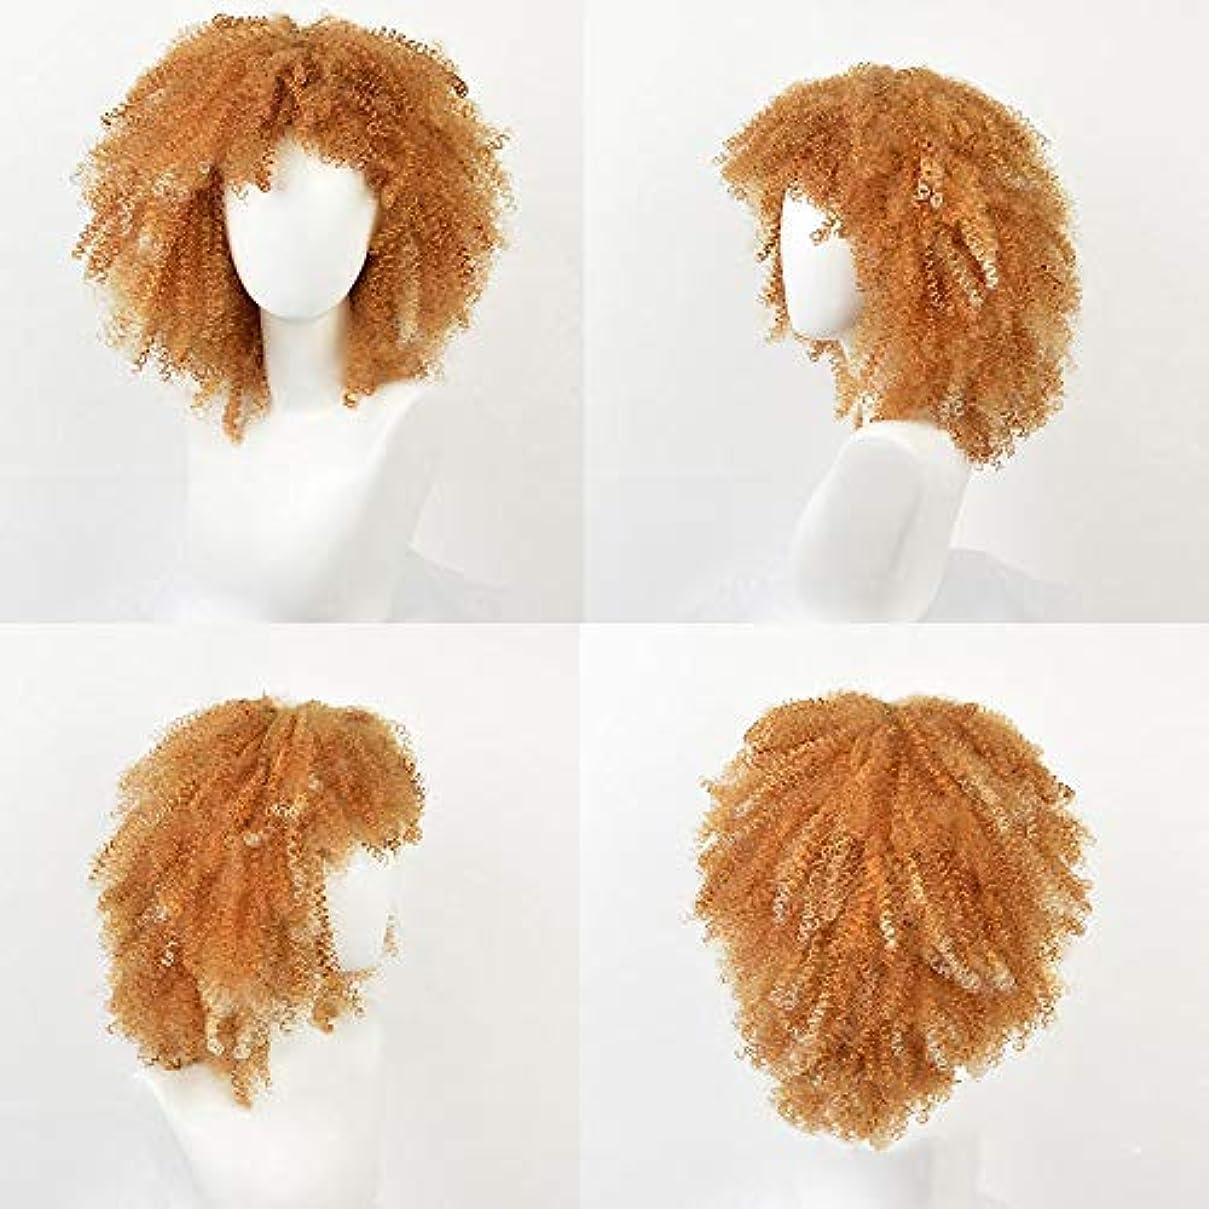 不一致兄弟愛失態WASAIO スタイル交換用アクセサリー合成繊維縮れ毛カーリーウィッグアフリカ系黒人女性爆発ヘッド14インチ小髪ケミカル (色 : C-3)